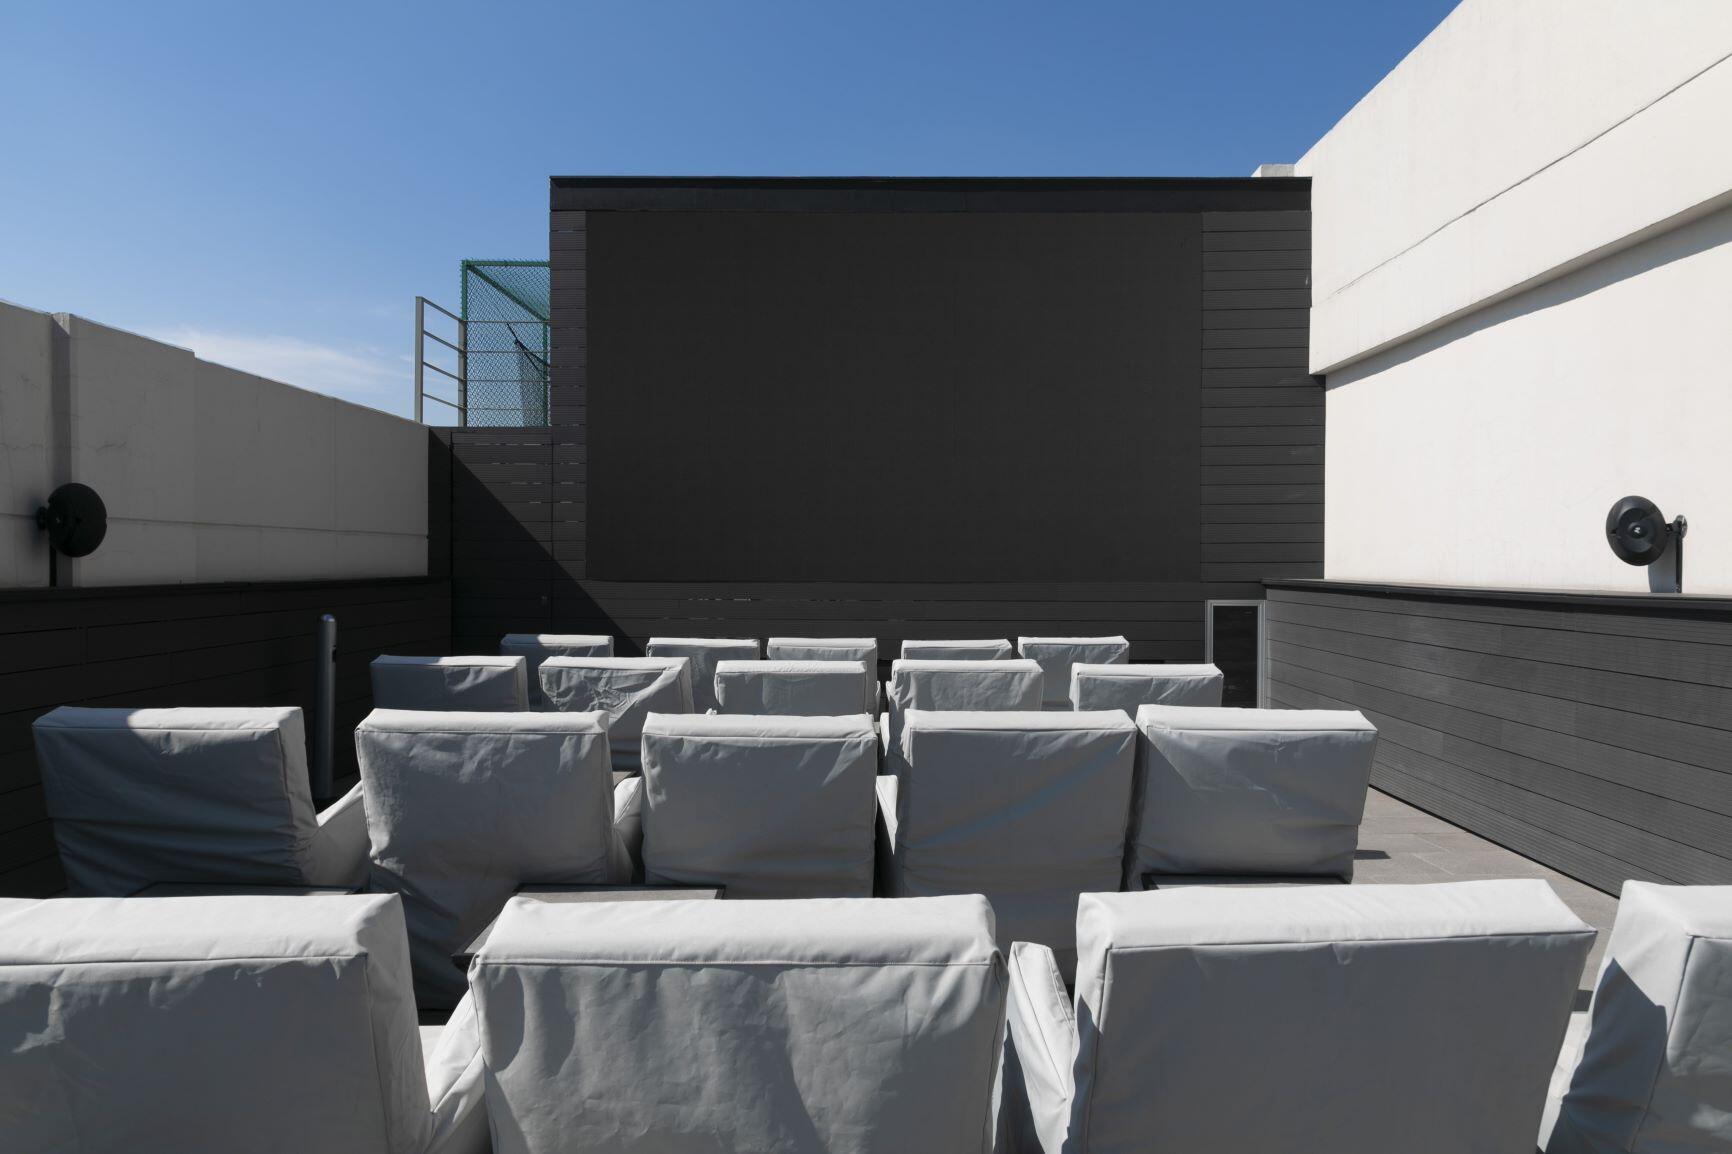 Departamento en venta en City Towers Park Grand, Colonia Xoco, Benito Juárez, CDMX. Cine al aire libre.